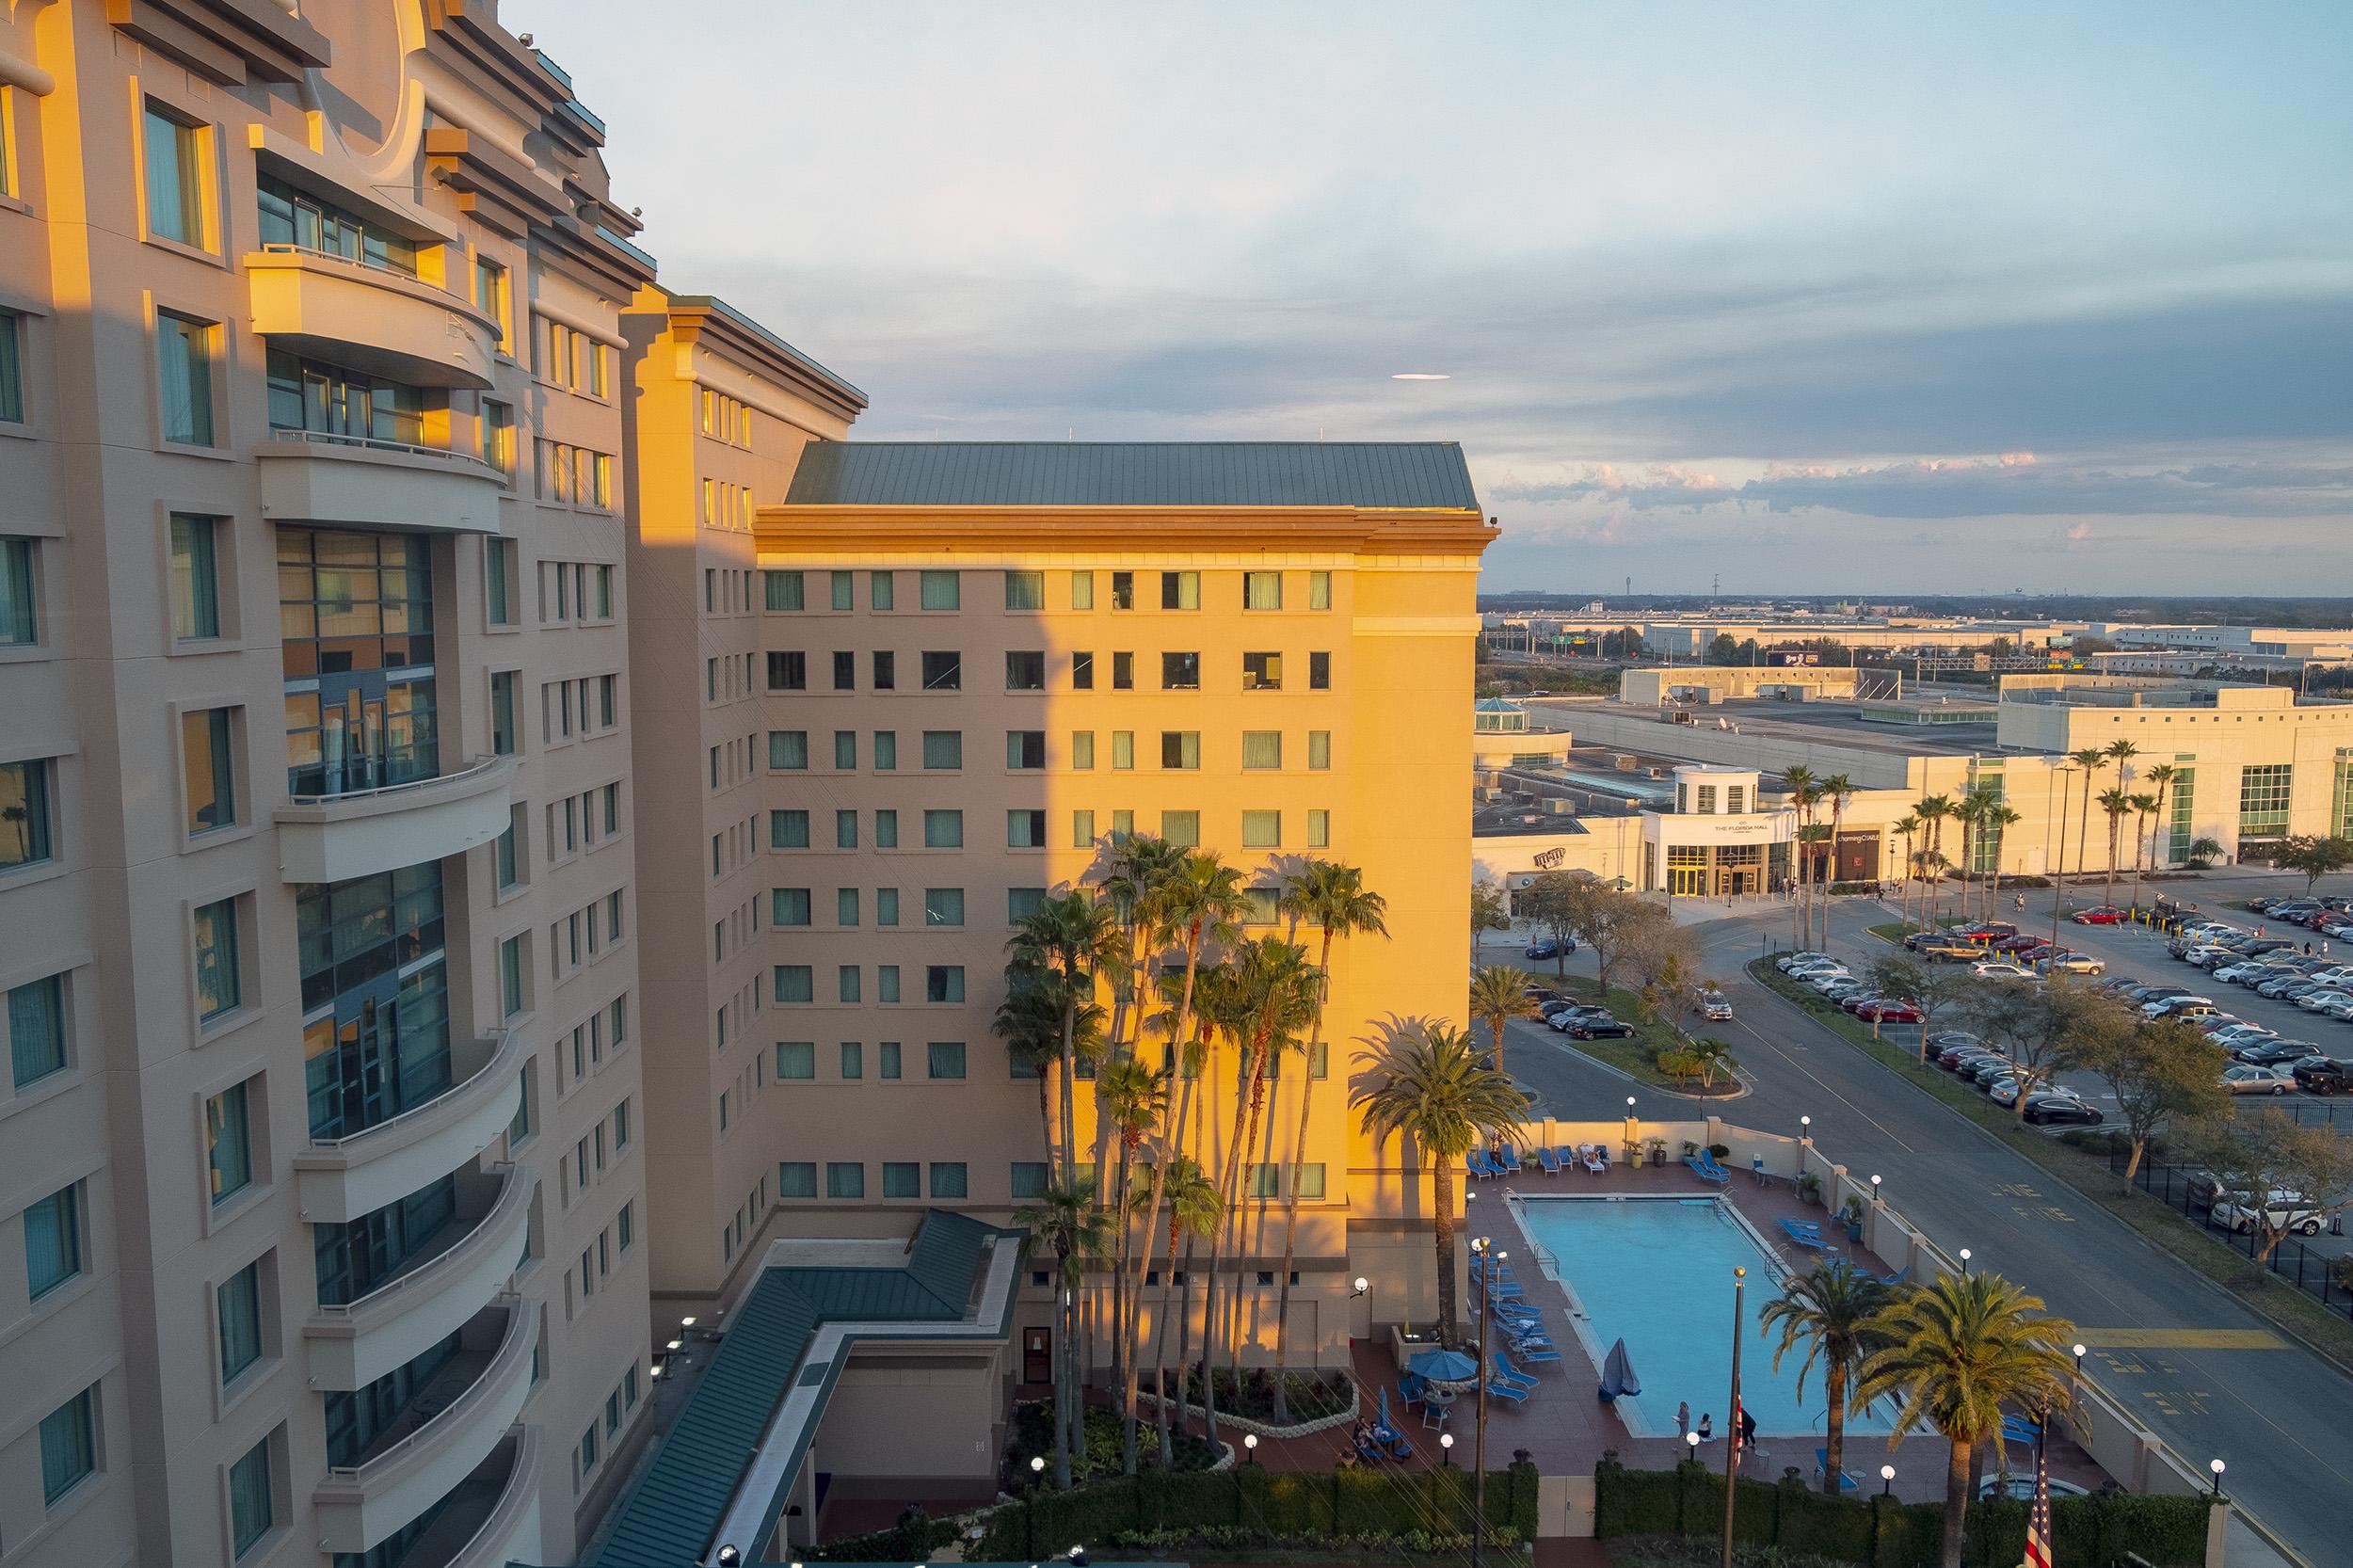 Florida Hotel & Conference Center Orlando Florida